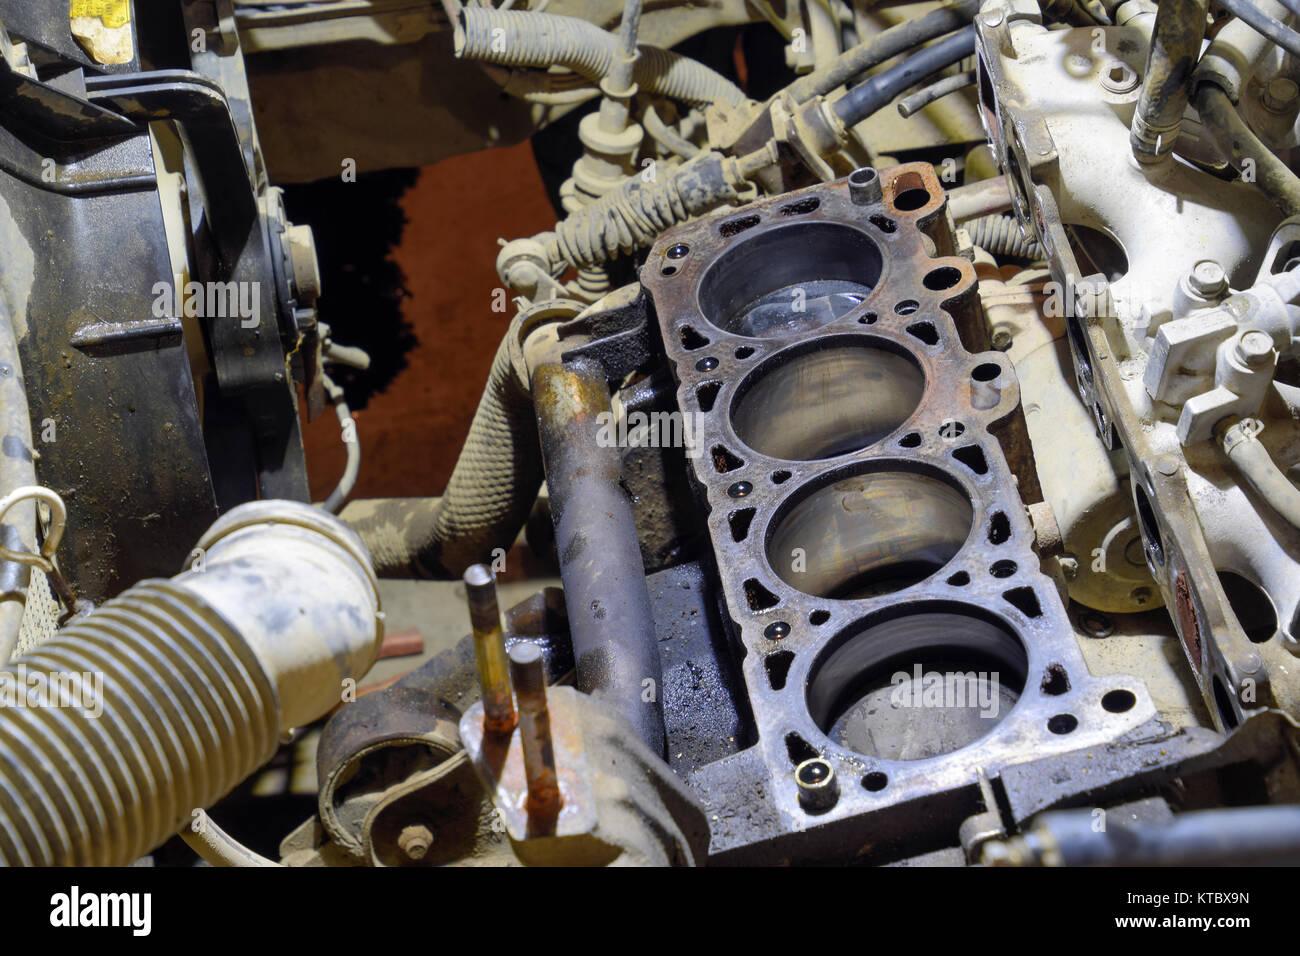 Den Motorblock des Vierzylinders. Zerlegten motor Fahrzeug zur ...